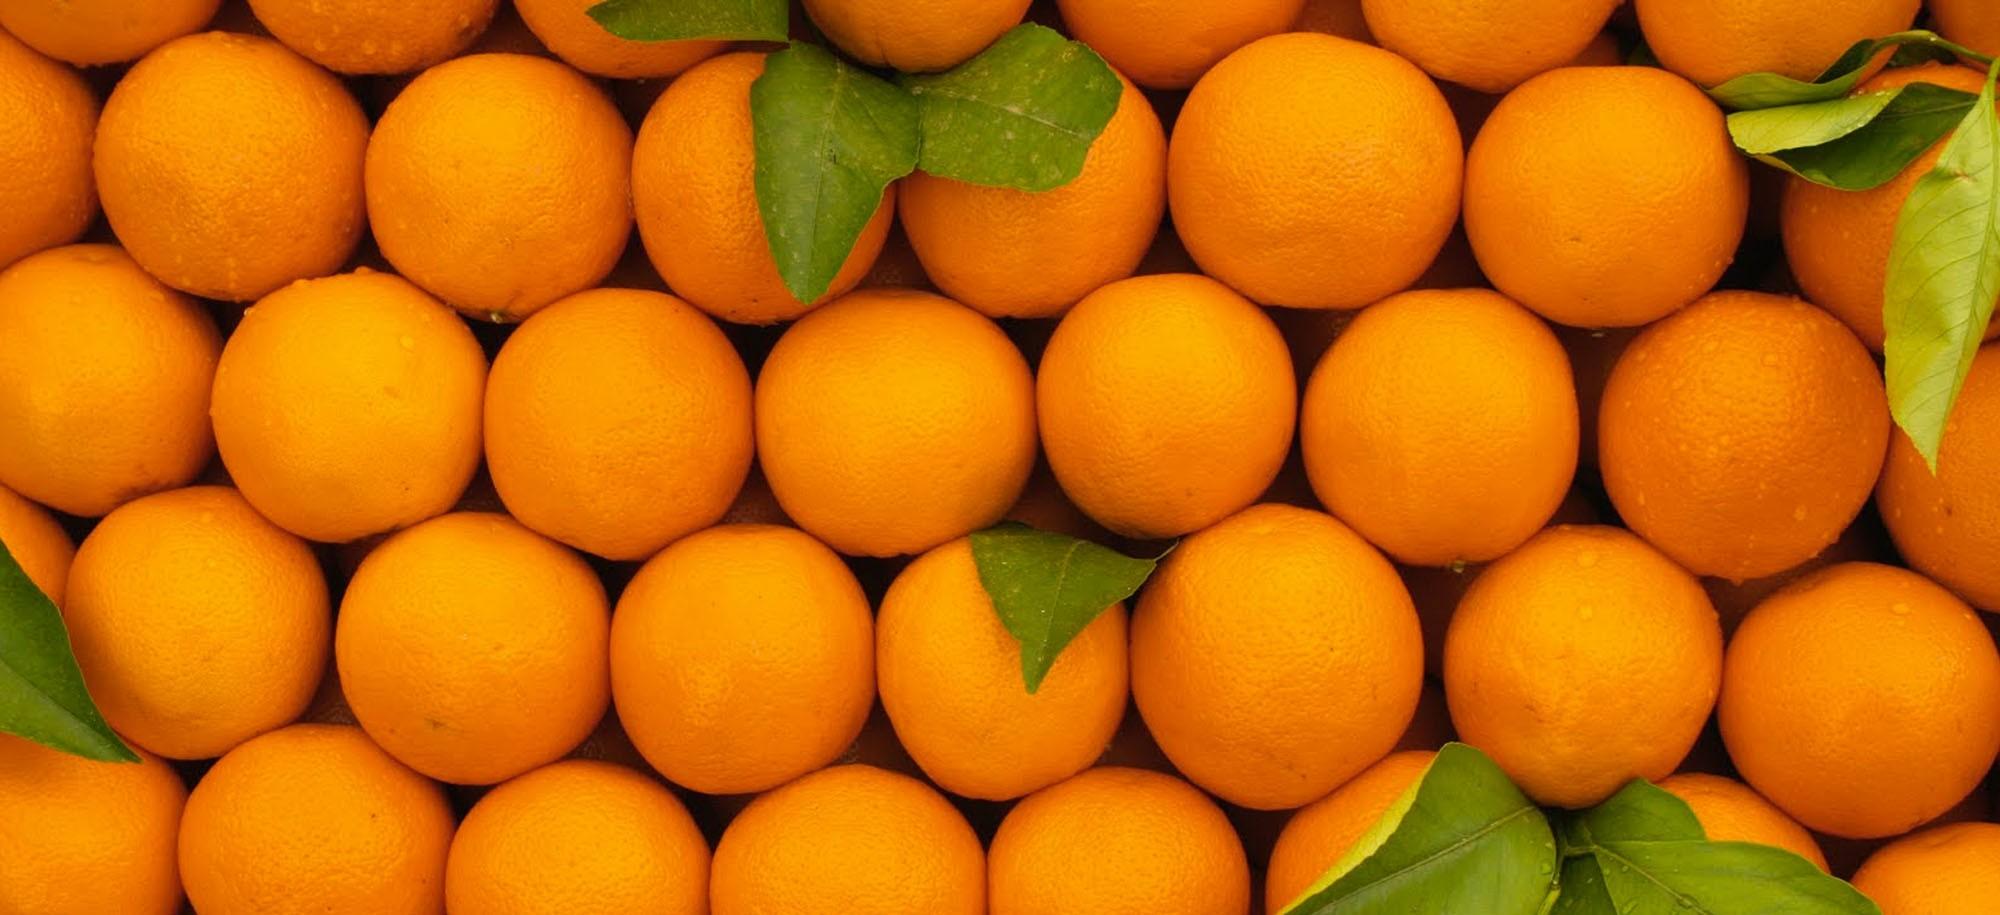 vera arancia calabrese bio biologiche biologico tarocco navel novelino novellino gallo GAS gruppo di acquisto solidale grillo verde calabria